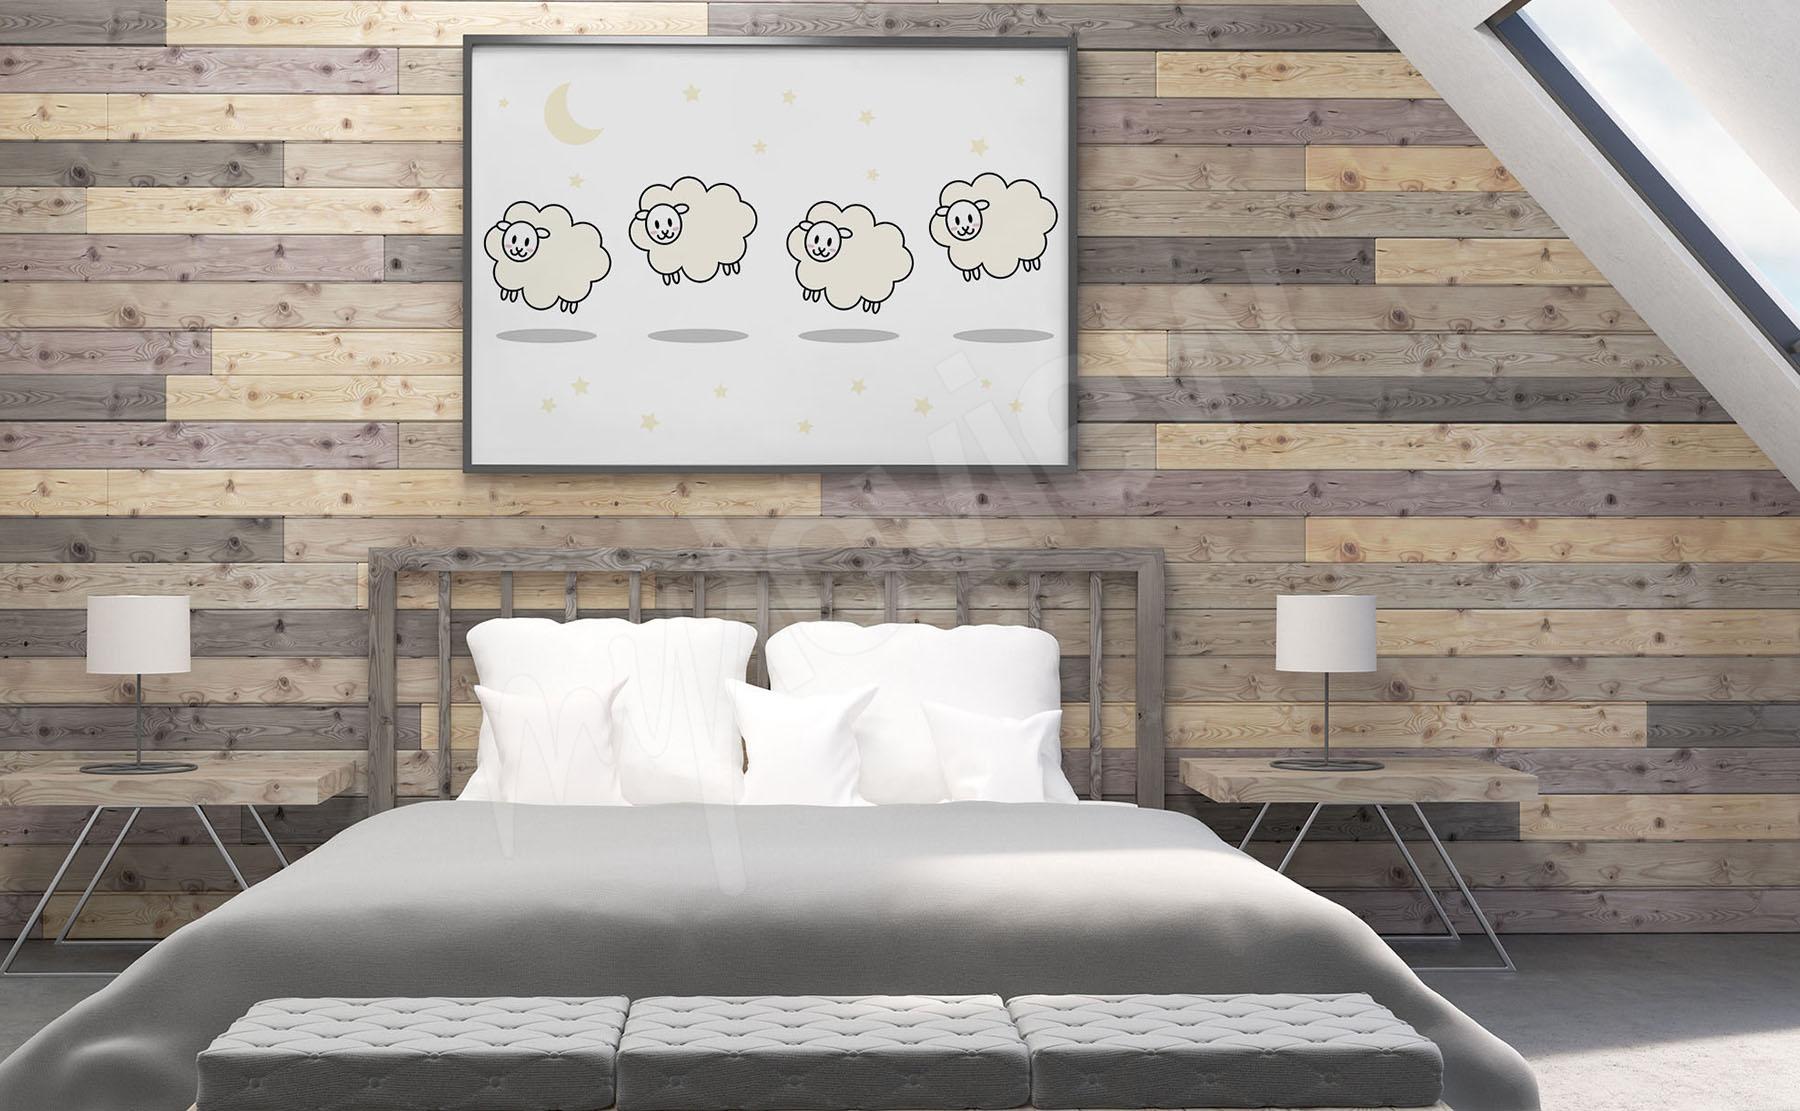 poster schlafzimmer gr e der wand. Black Bedroom Furniture Sets. Home Design Ideas